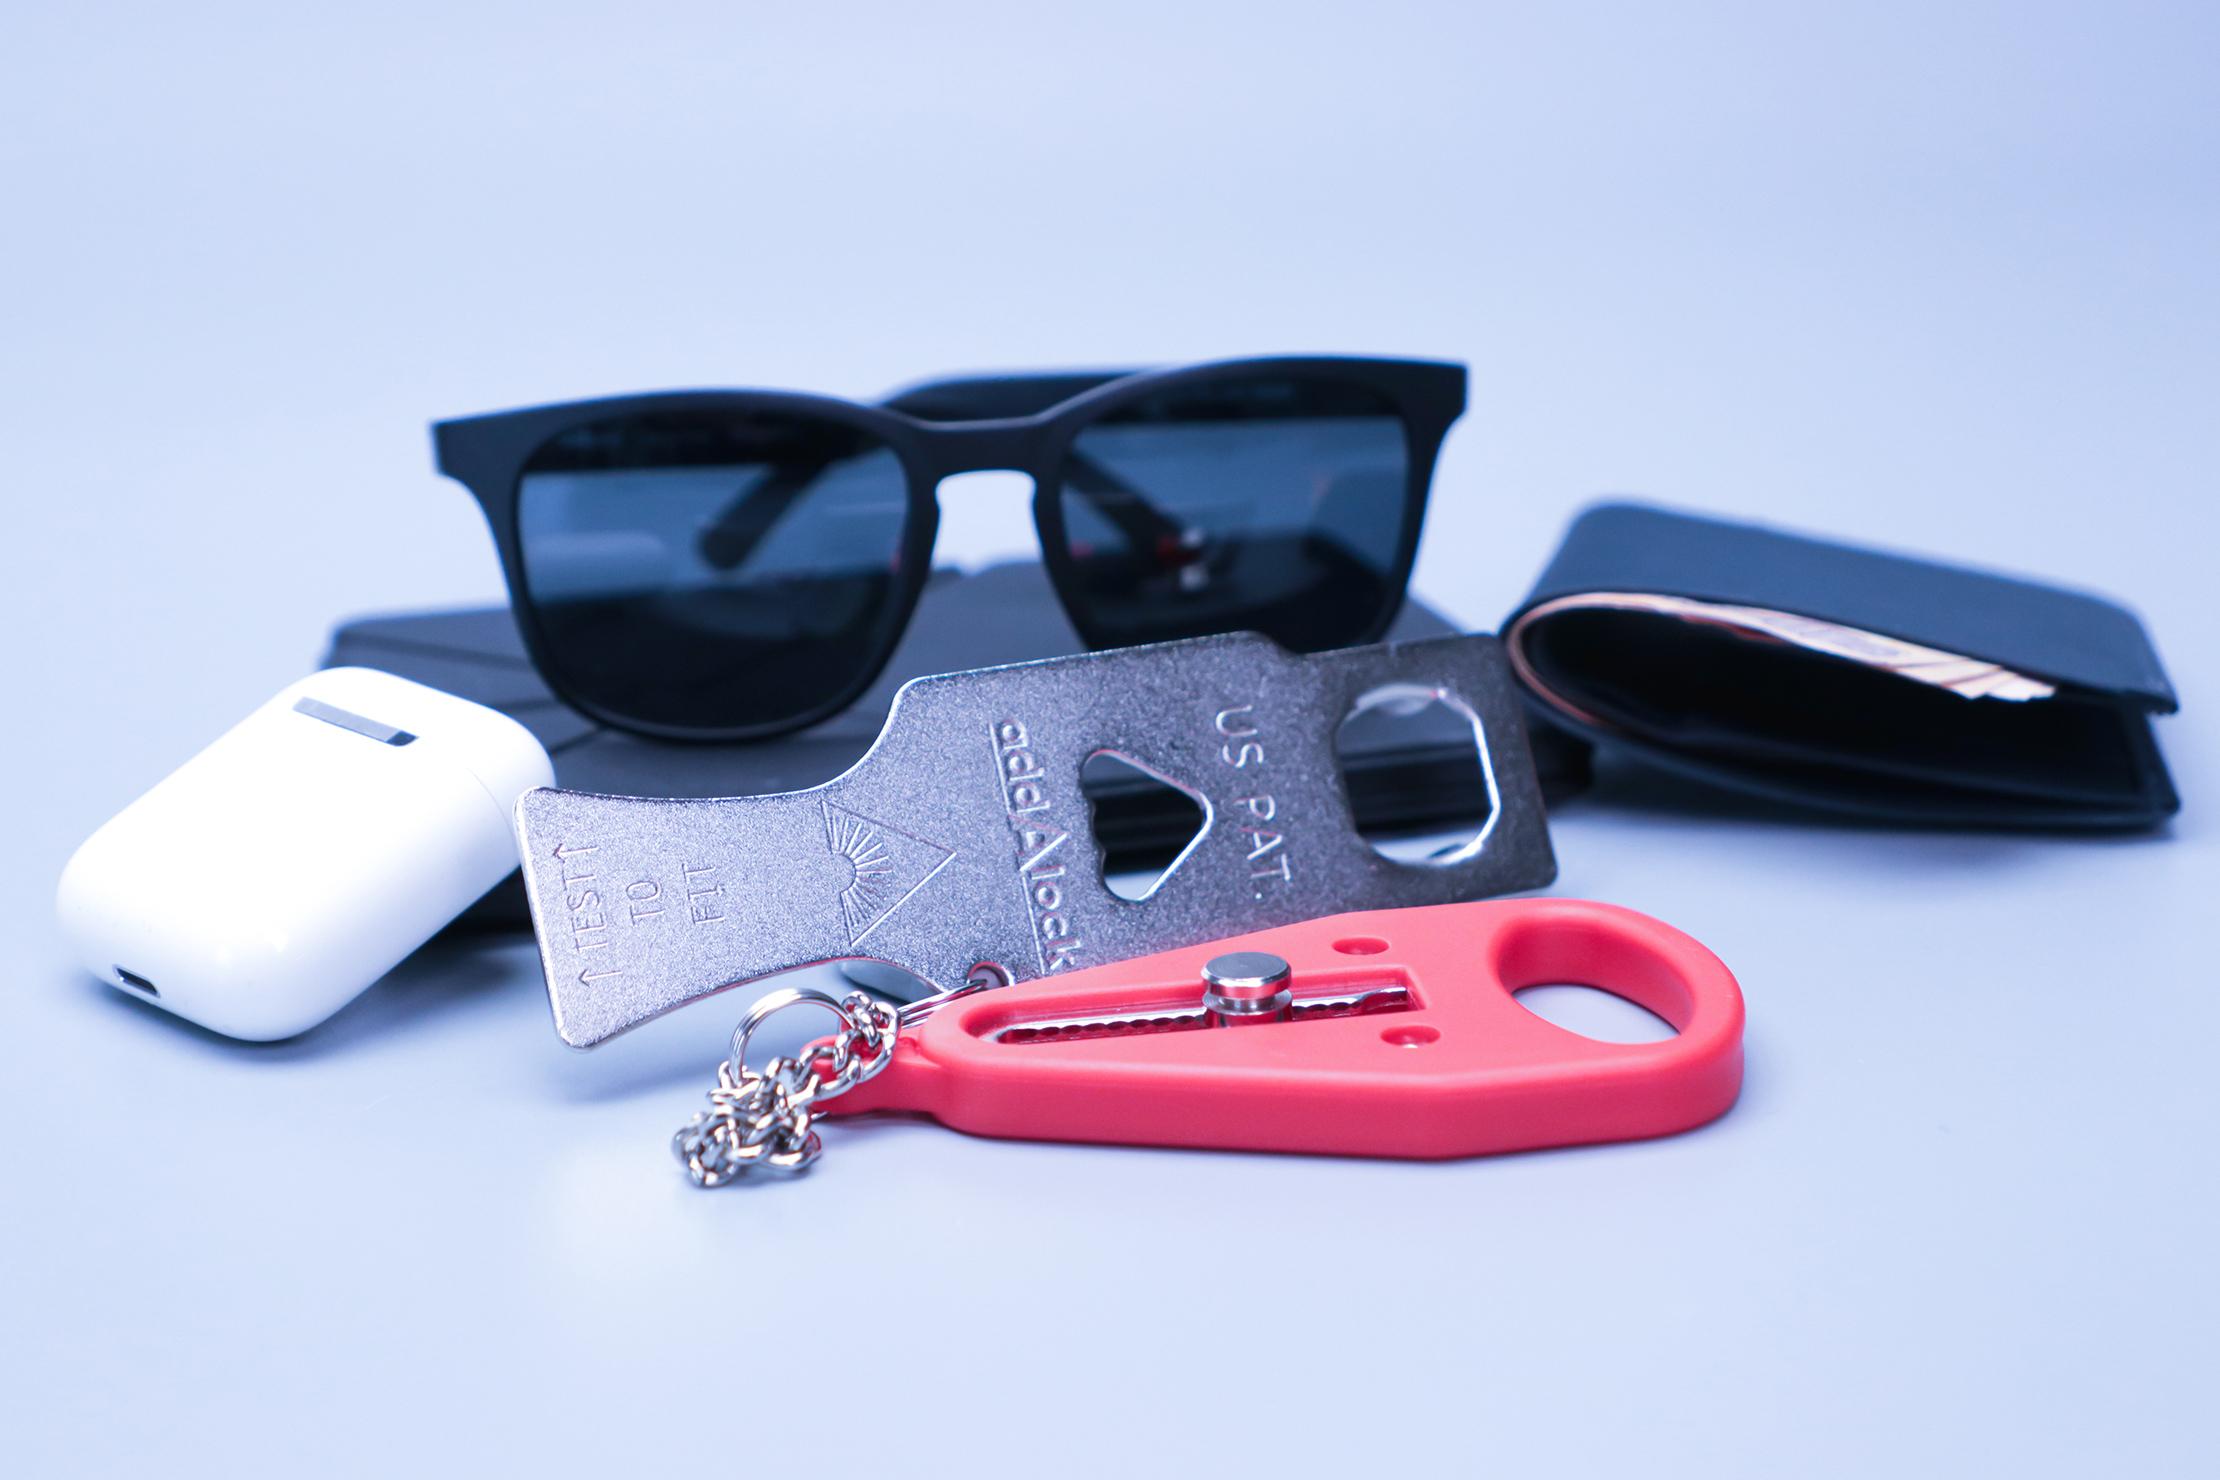 Addalock Portable Door Lock with Items